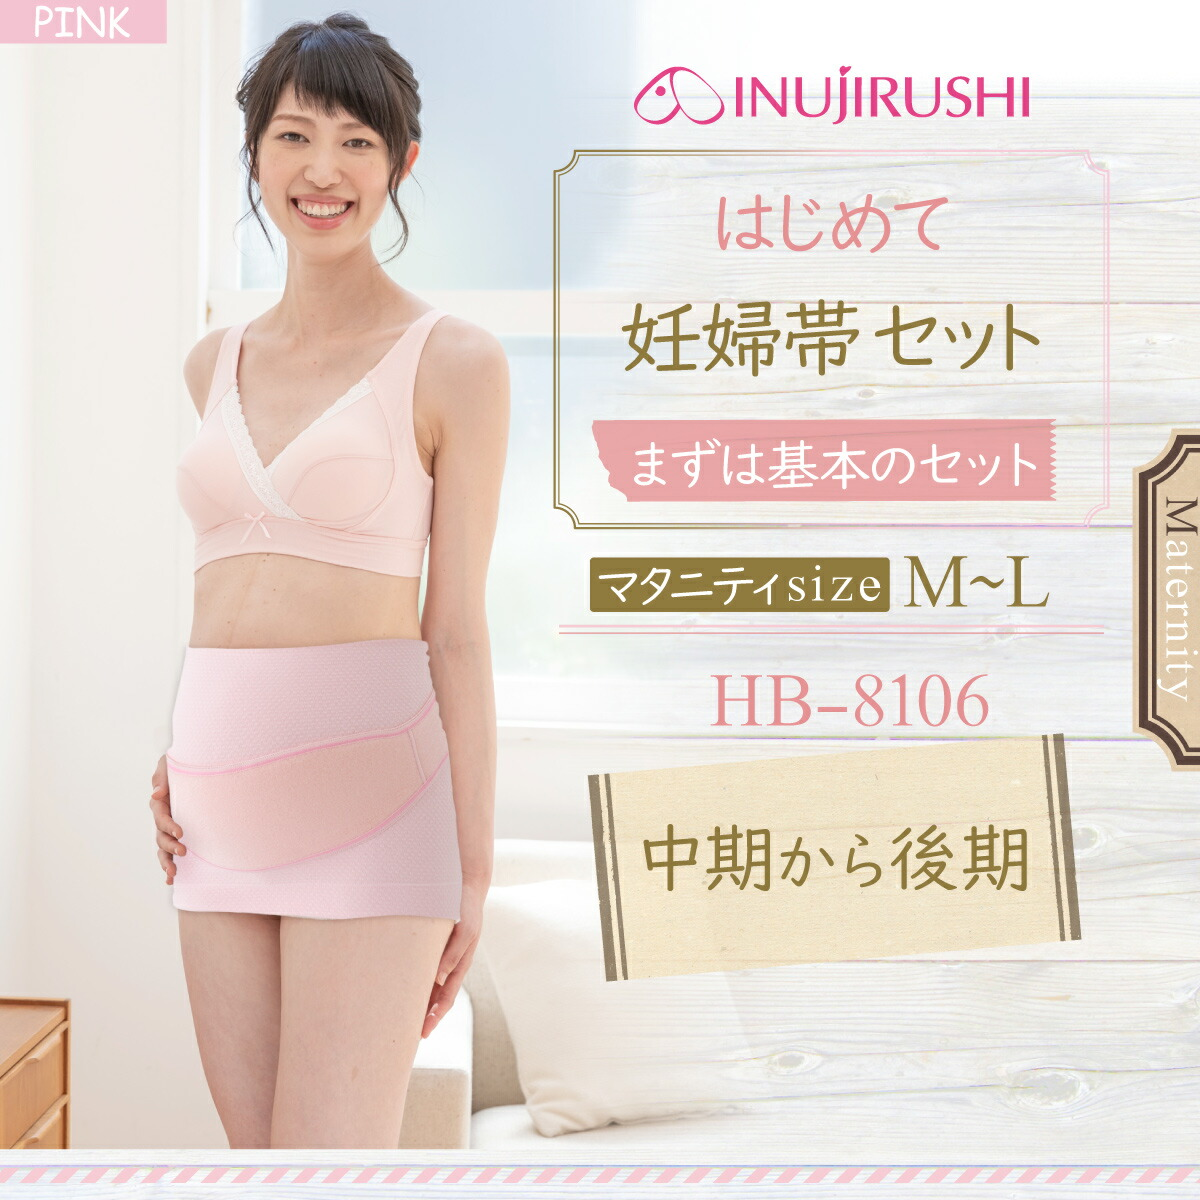 犬印 マタニティ 犬印本舗 INUJIRUSHI 犬印本舗 はじめての妊婦帯 マタニティ 腹帯 日本製 補助腹帯セット妊婦帯